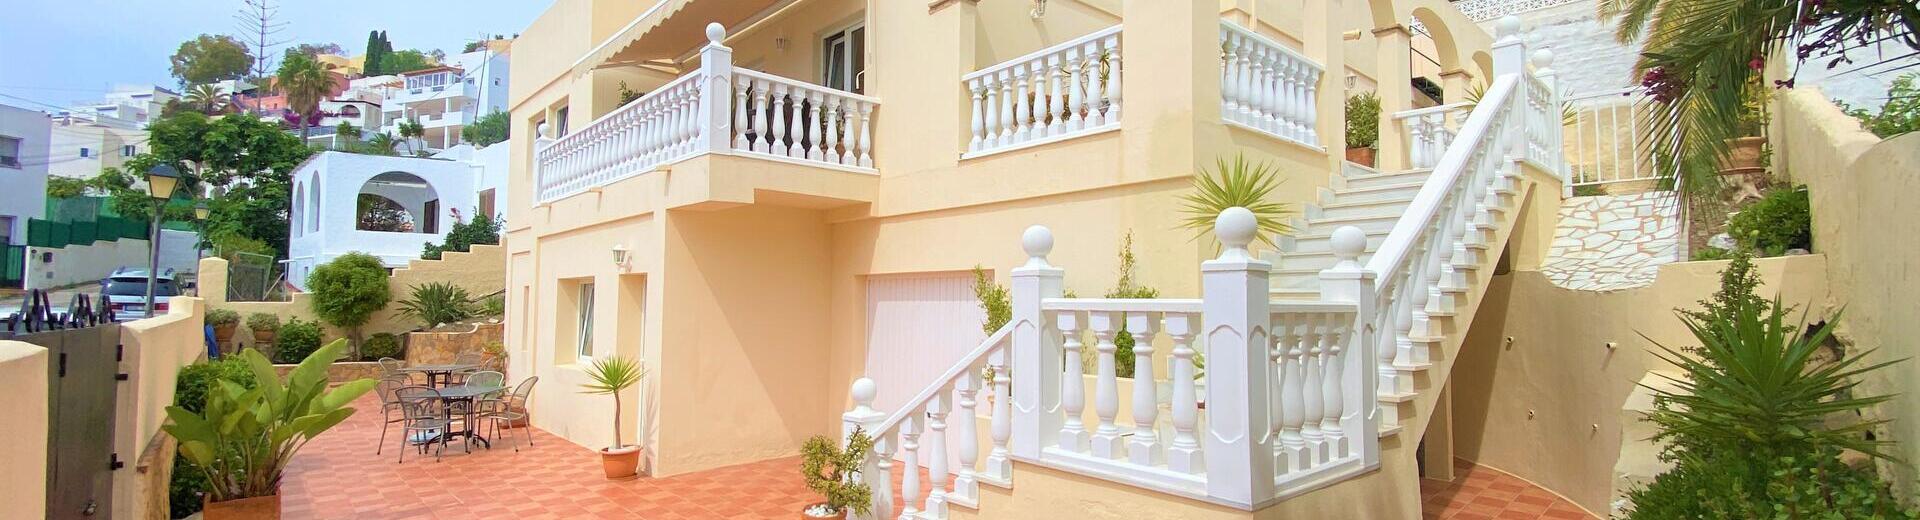 VIP7913: Villa zu Verkaufen